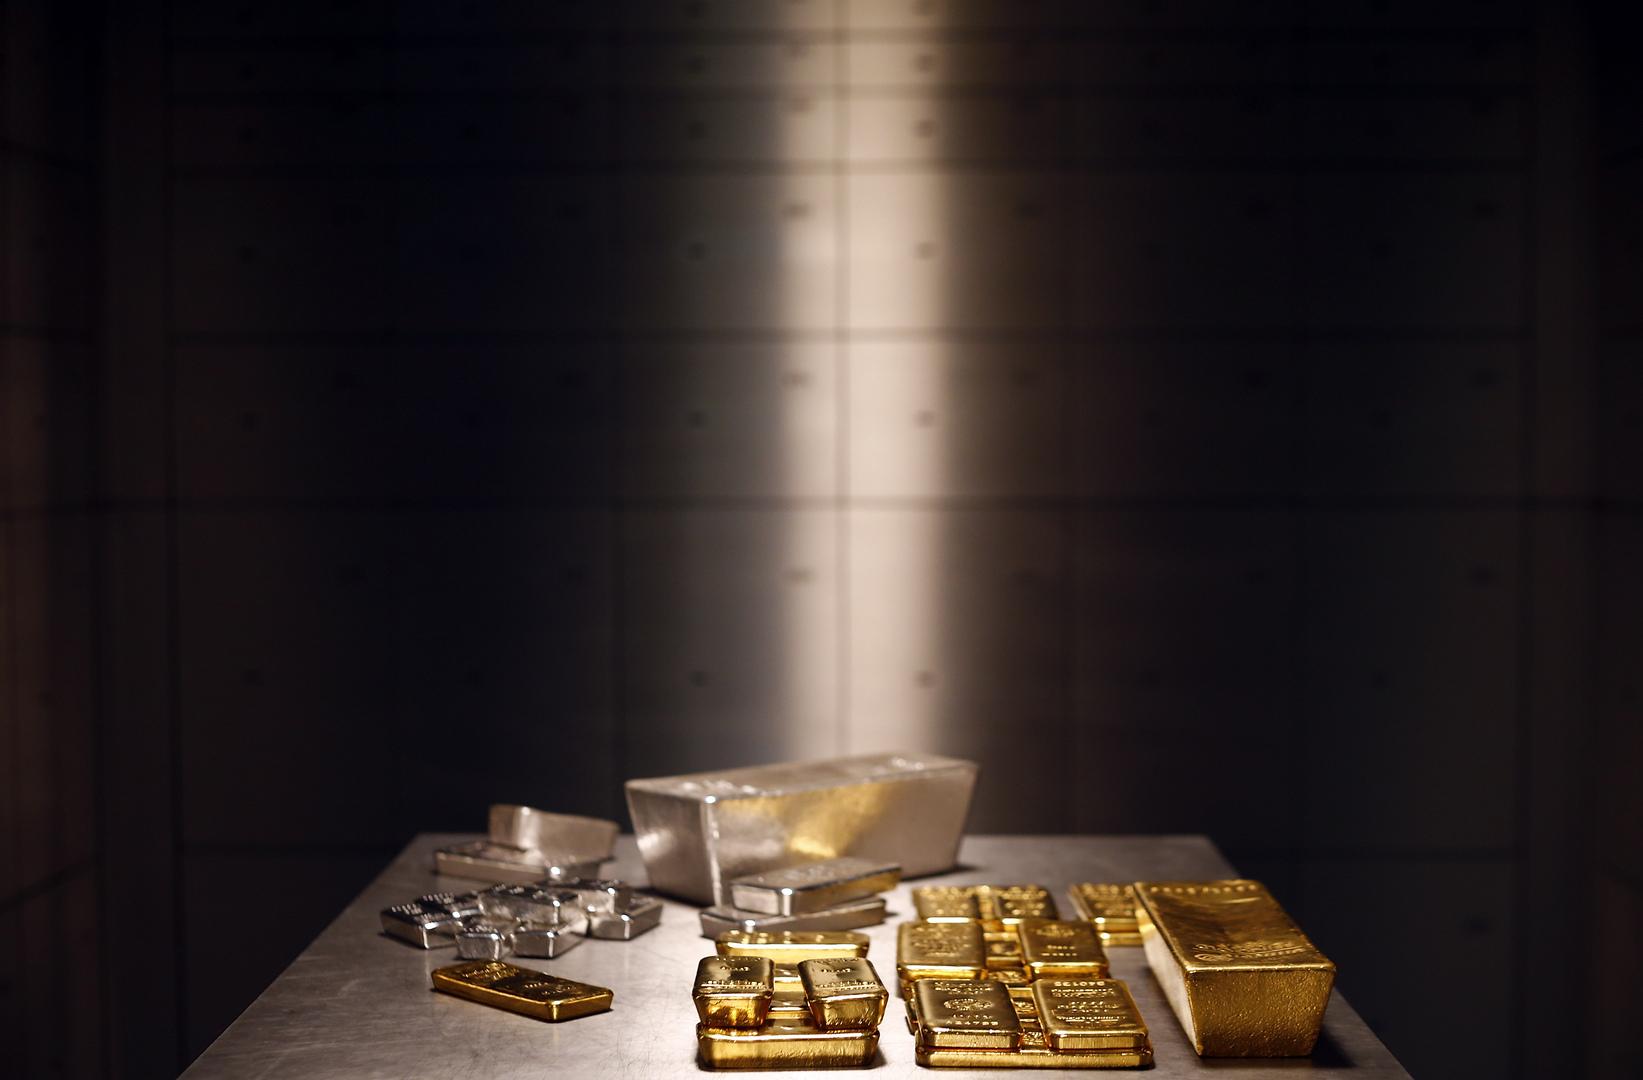 الذهب يتجه لأول خسارة أسبوعية في 5 أسابيع